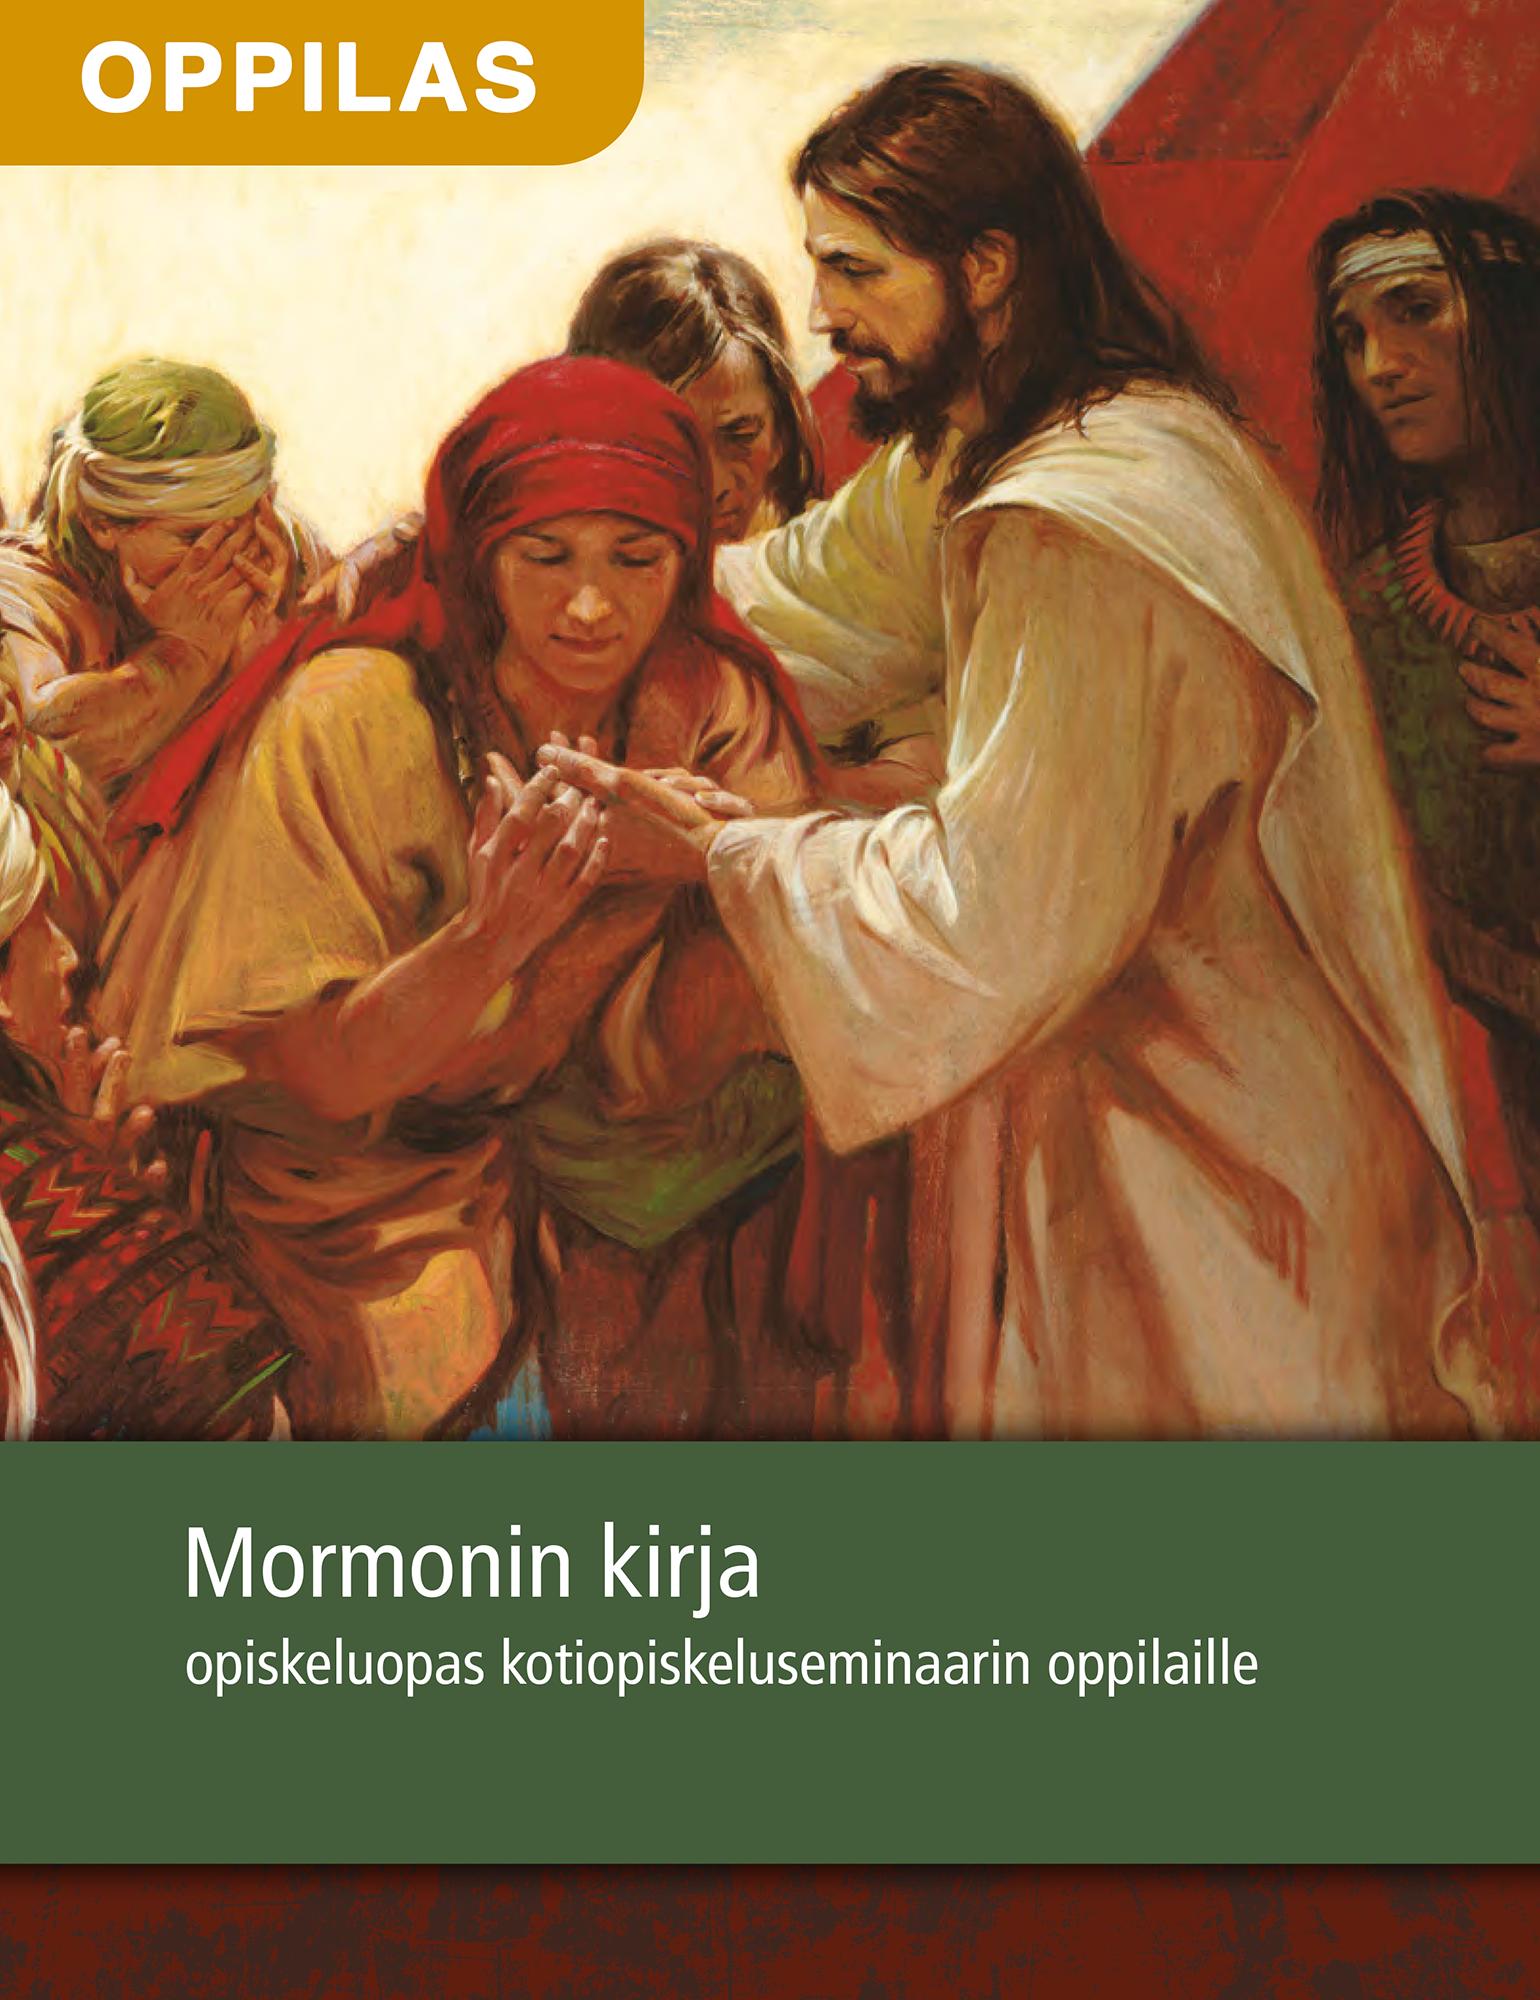 Mormonin kirja, opiskeluopas kotiopiskeluseminaarin oppilaille